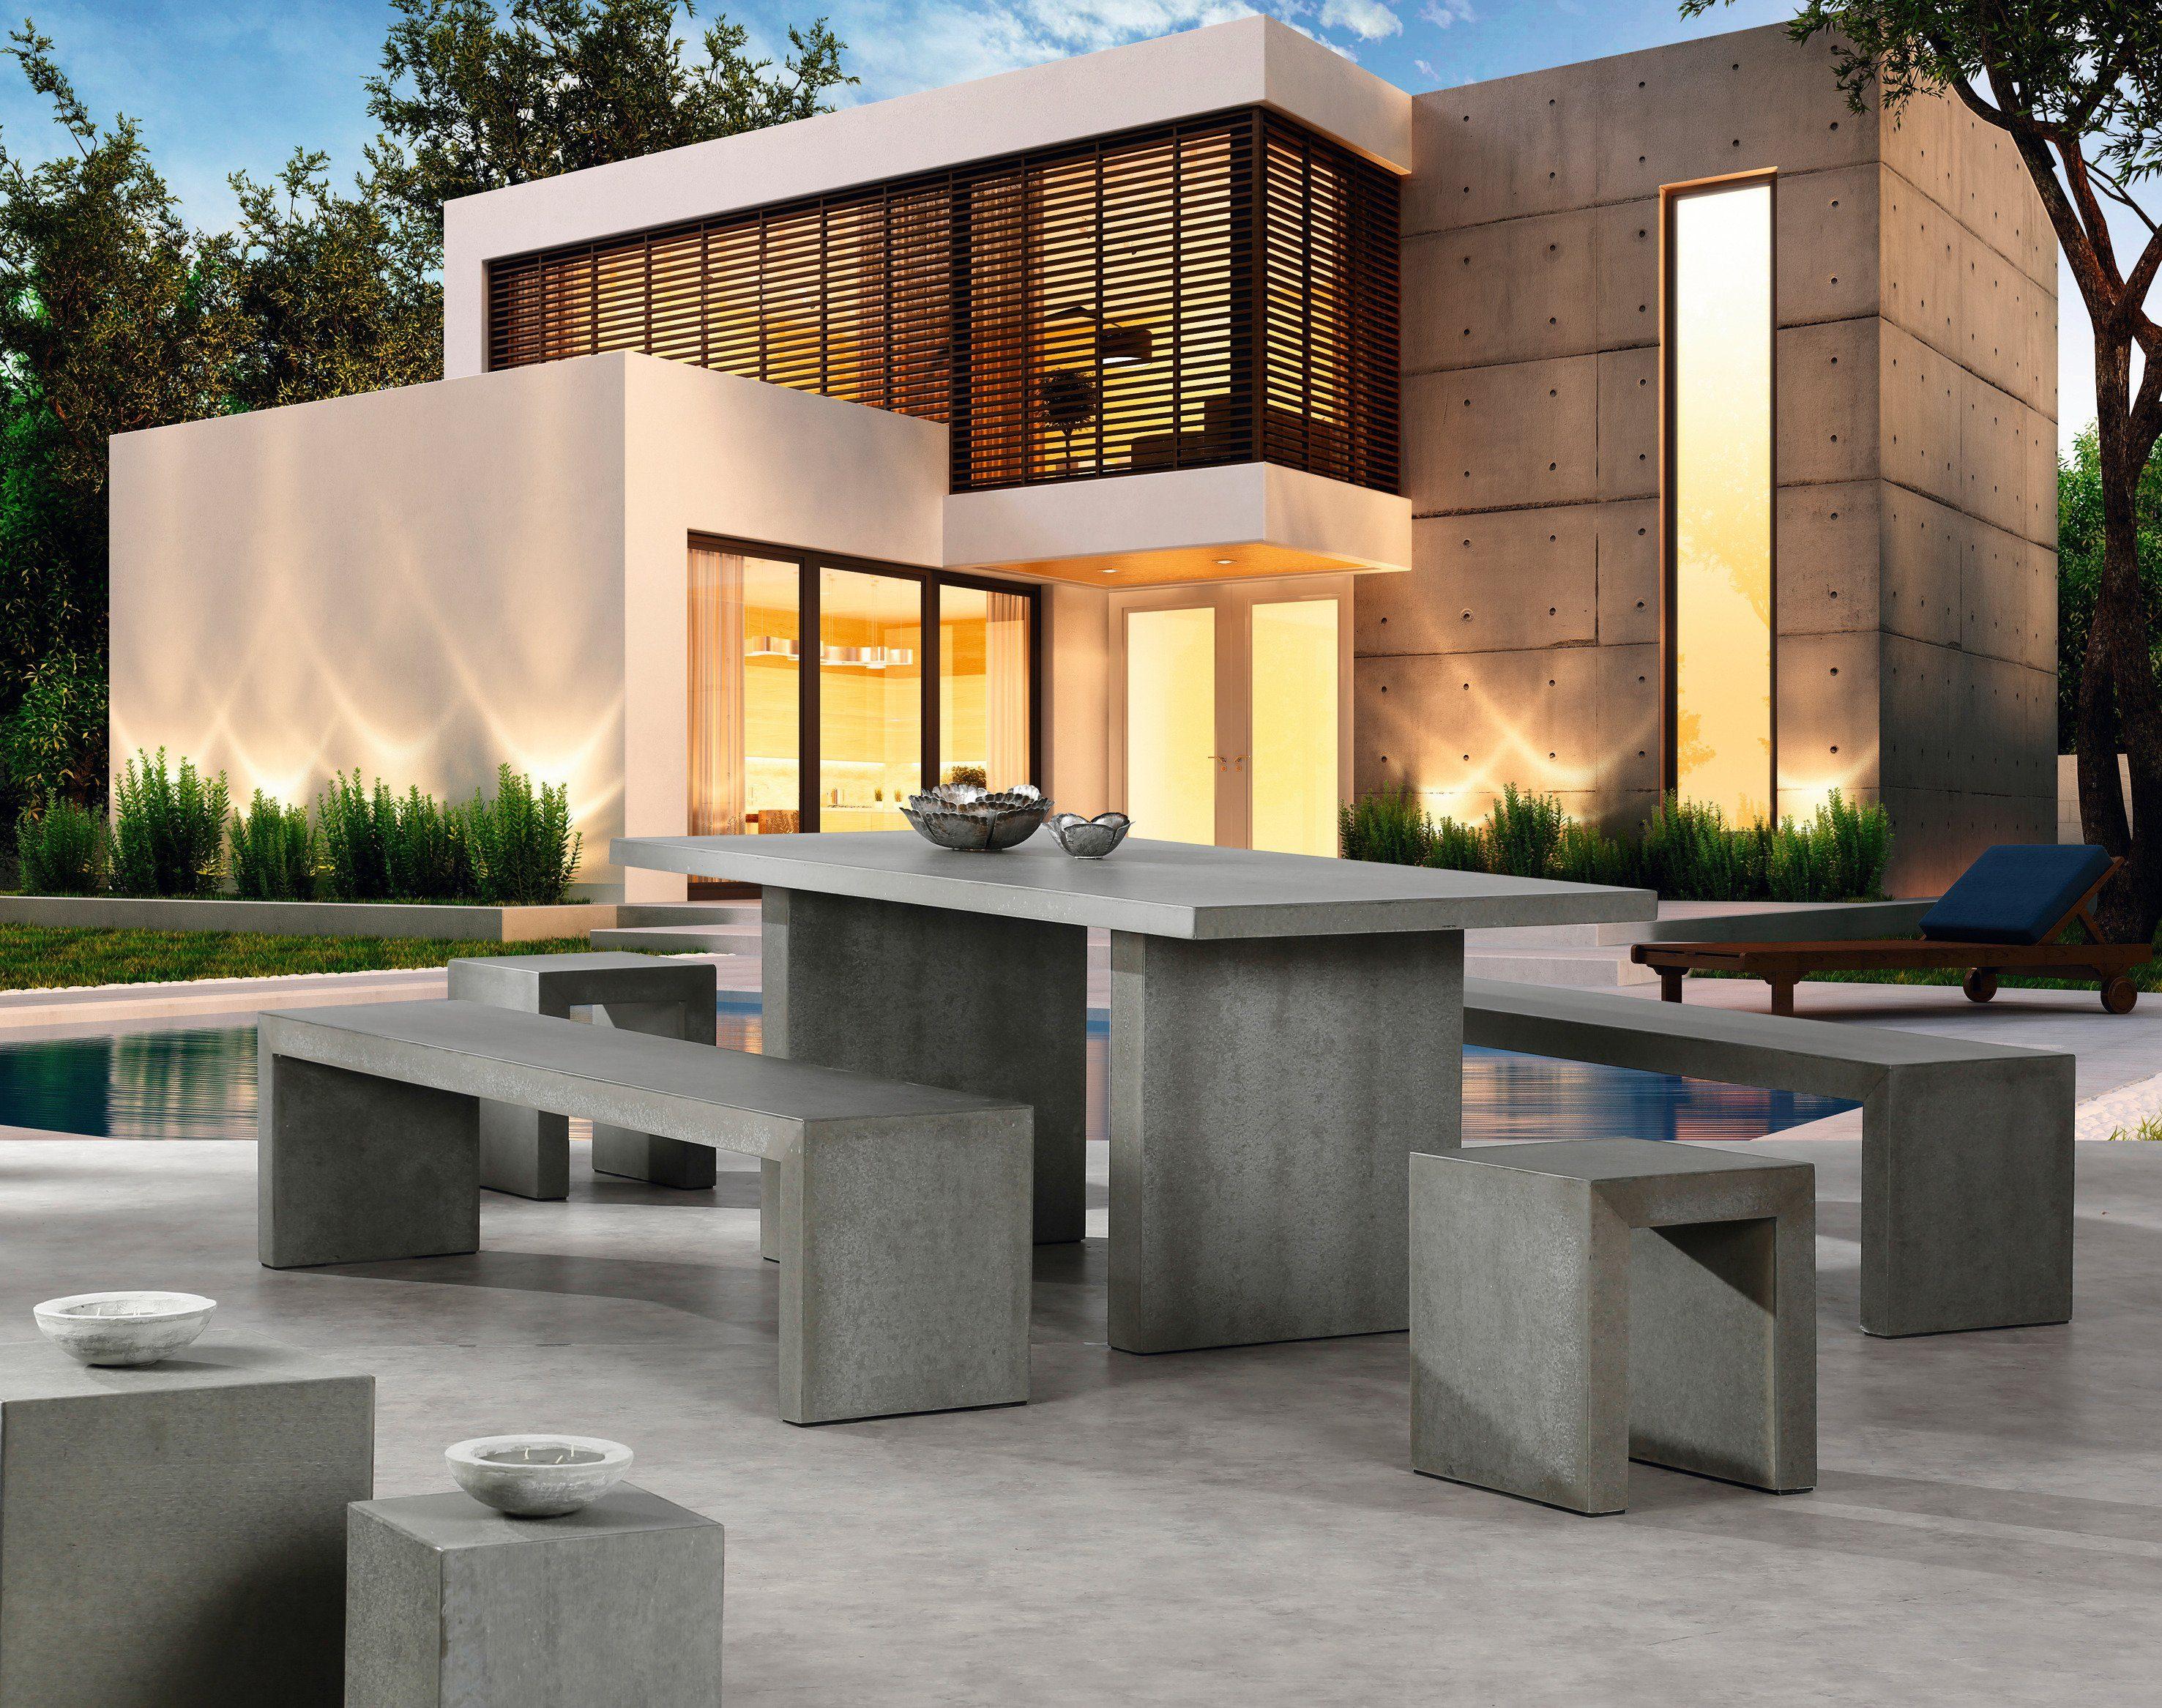 Best 5-tlg. Gartenmöbelset »Rockall«, 2 Bänke 200x45x46 cm, 2 Hocker, Tisch, Beton-Glasfaser, grau